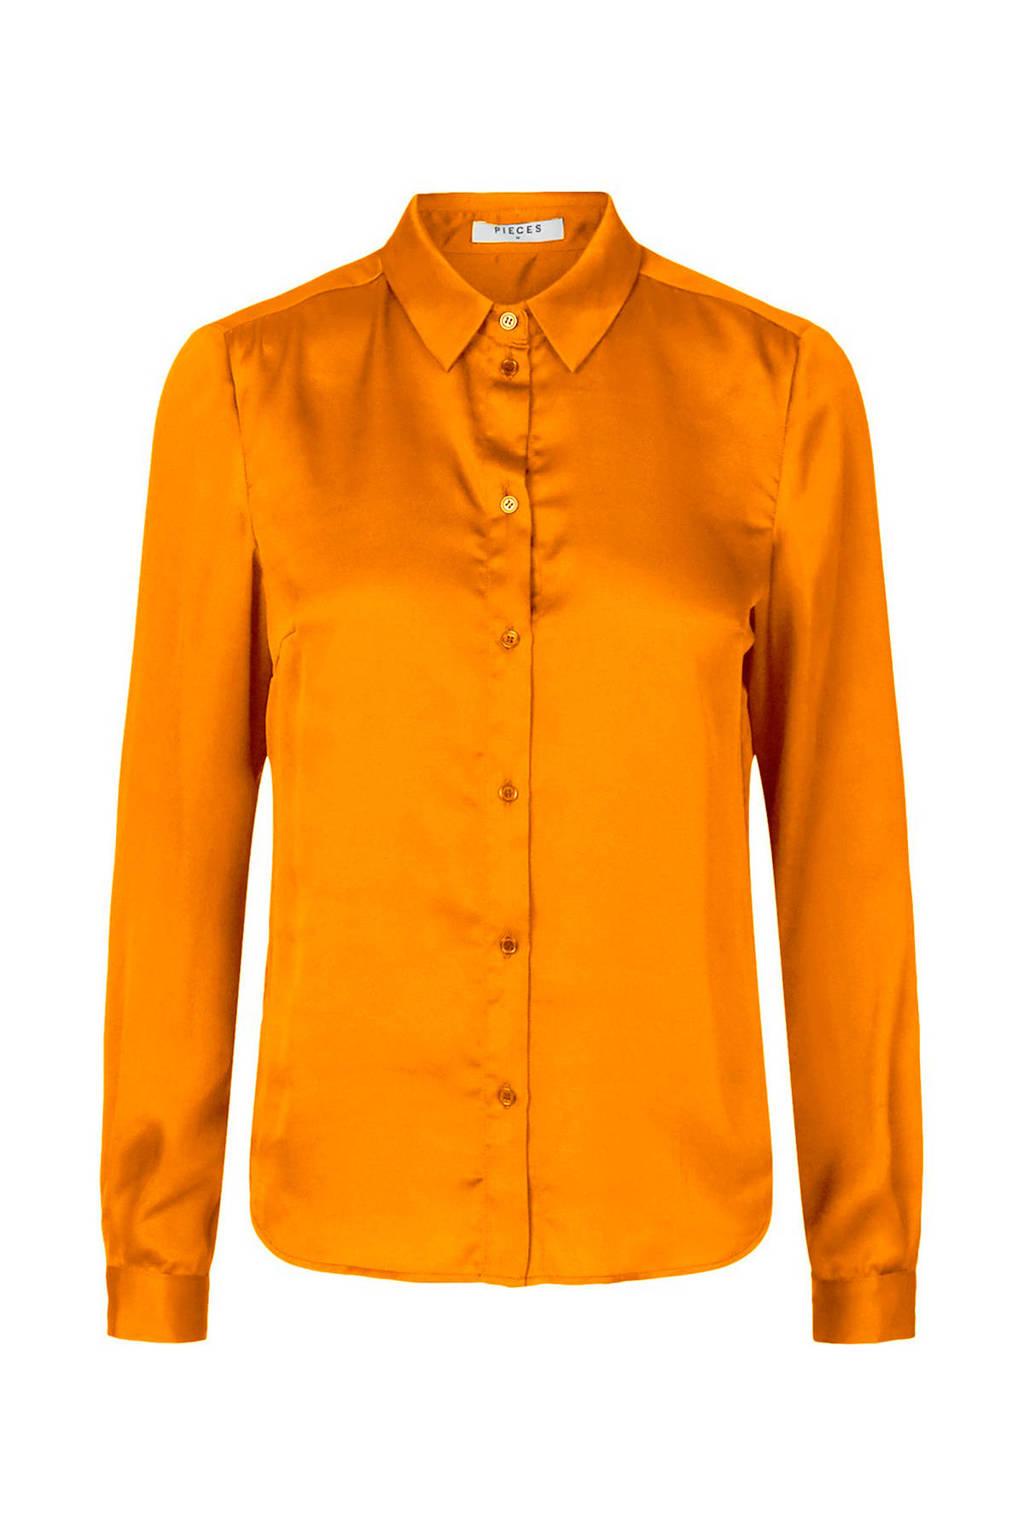 PIECES blouse oranje, Oranje